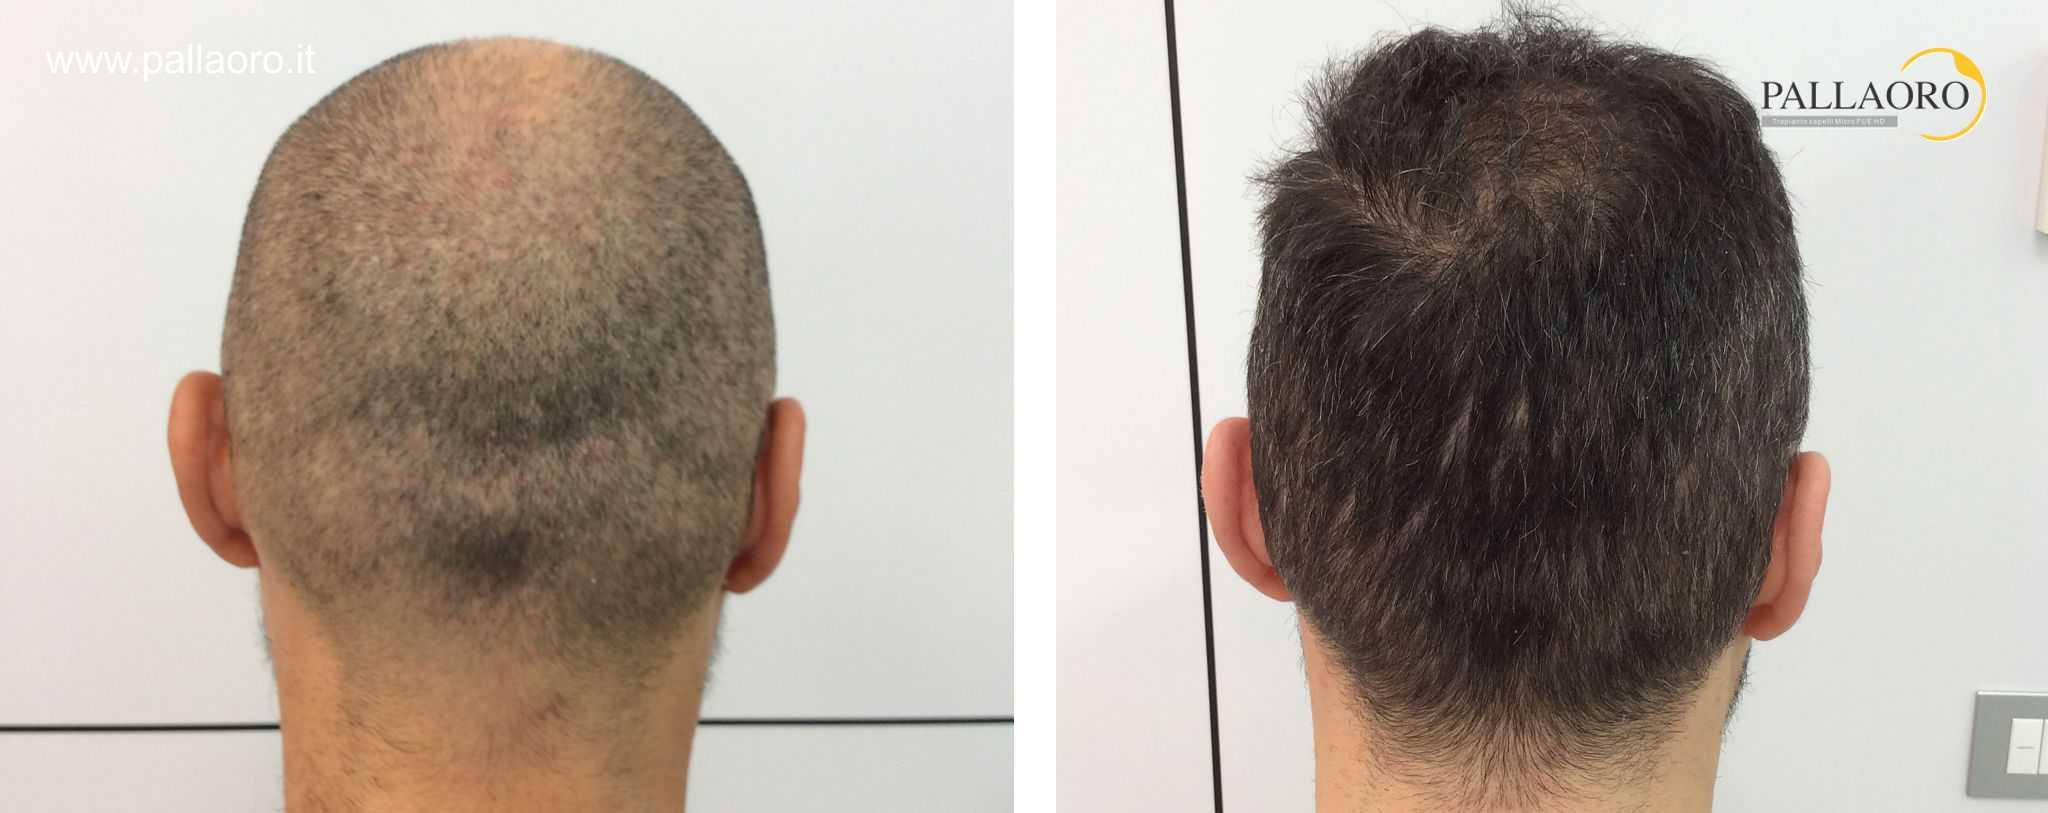 trapianto capelli 01093